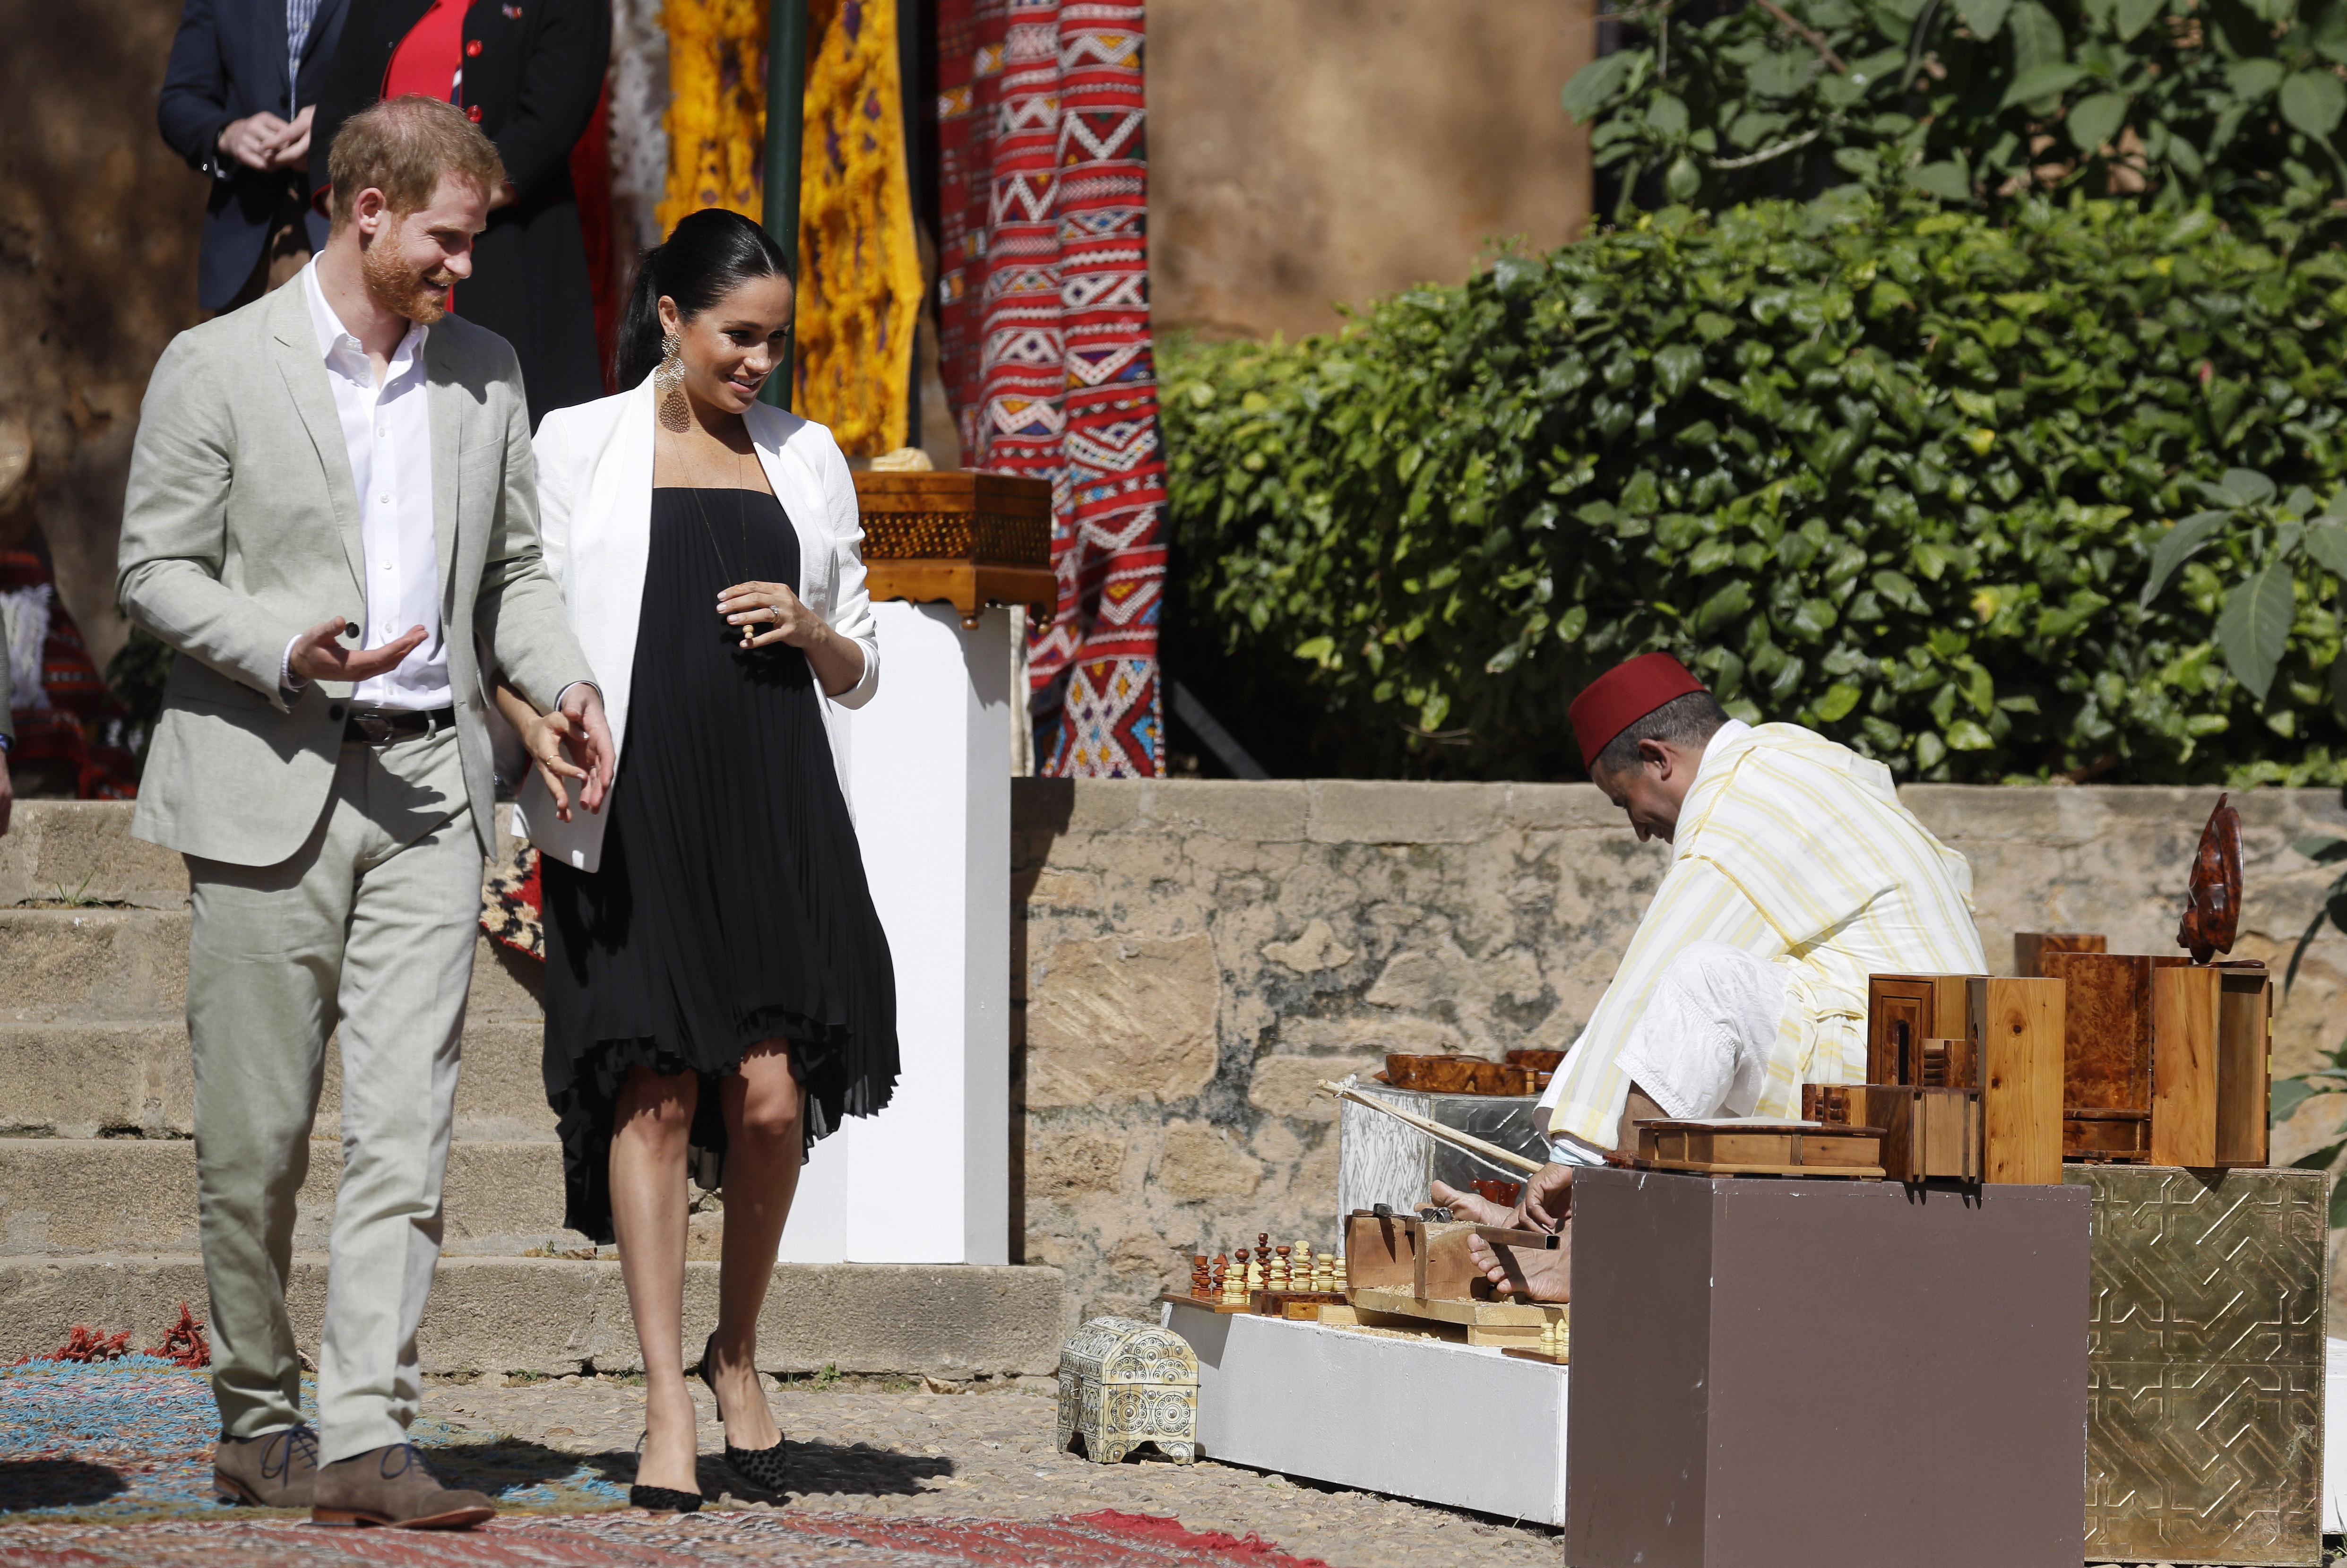 Los duques de Sussex visitaron la famosa Alcazaba de los Udayas, uno de los lugares emblemáticos de la capital marroquí, donde recorrieron su jardín andalusí. Para la ocasión, Meghan seleccionó un vestido negro corto plisado con chaqueta blanca. (AP)